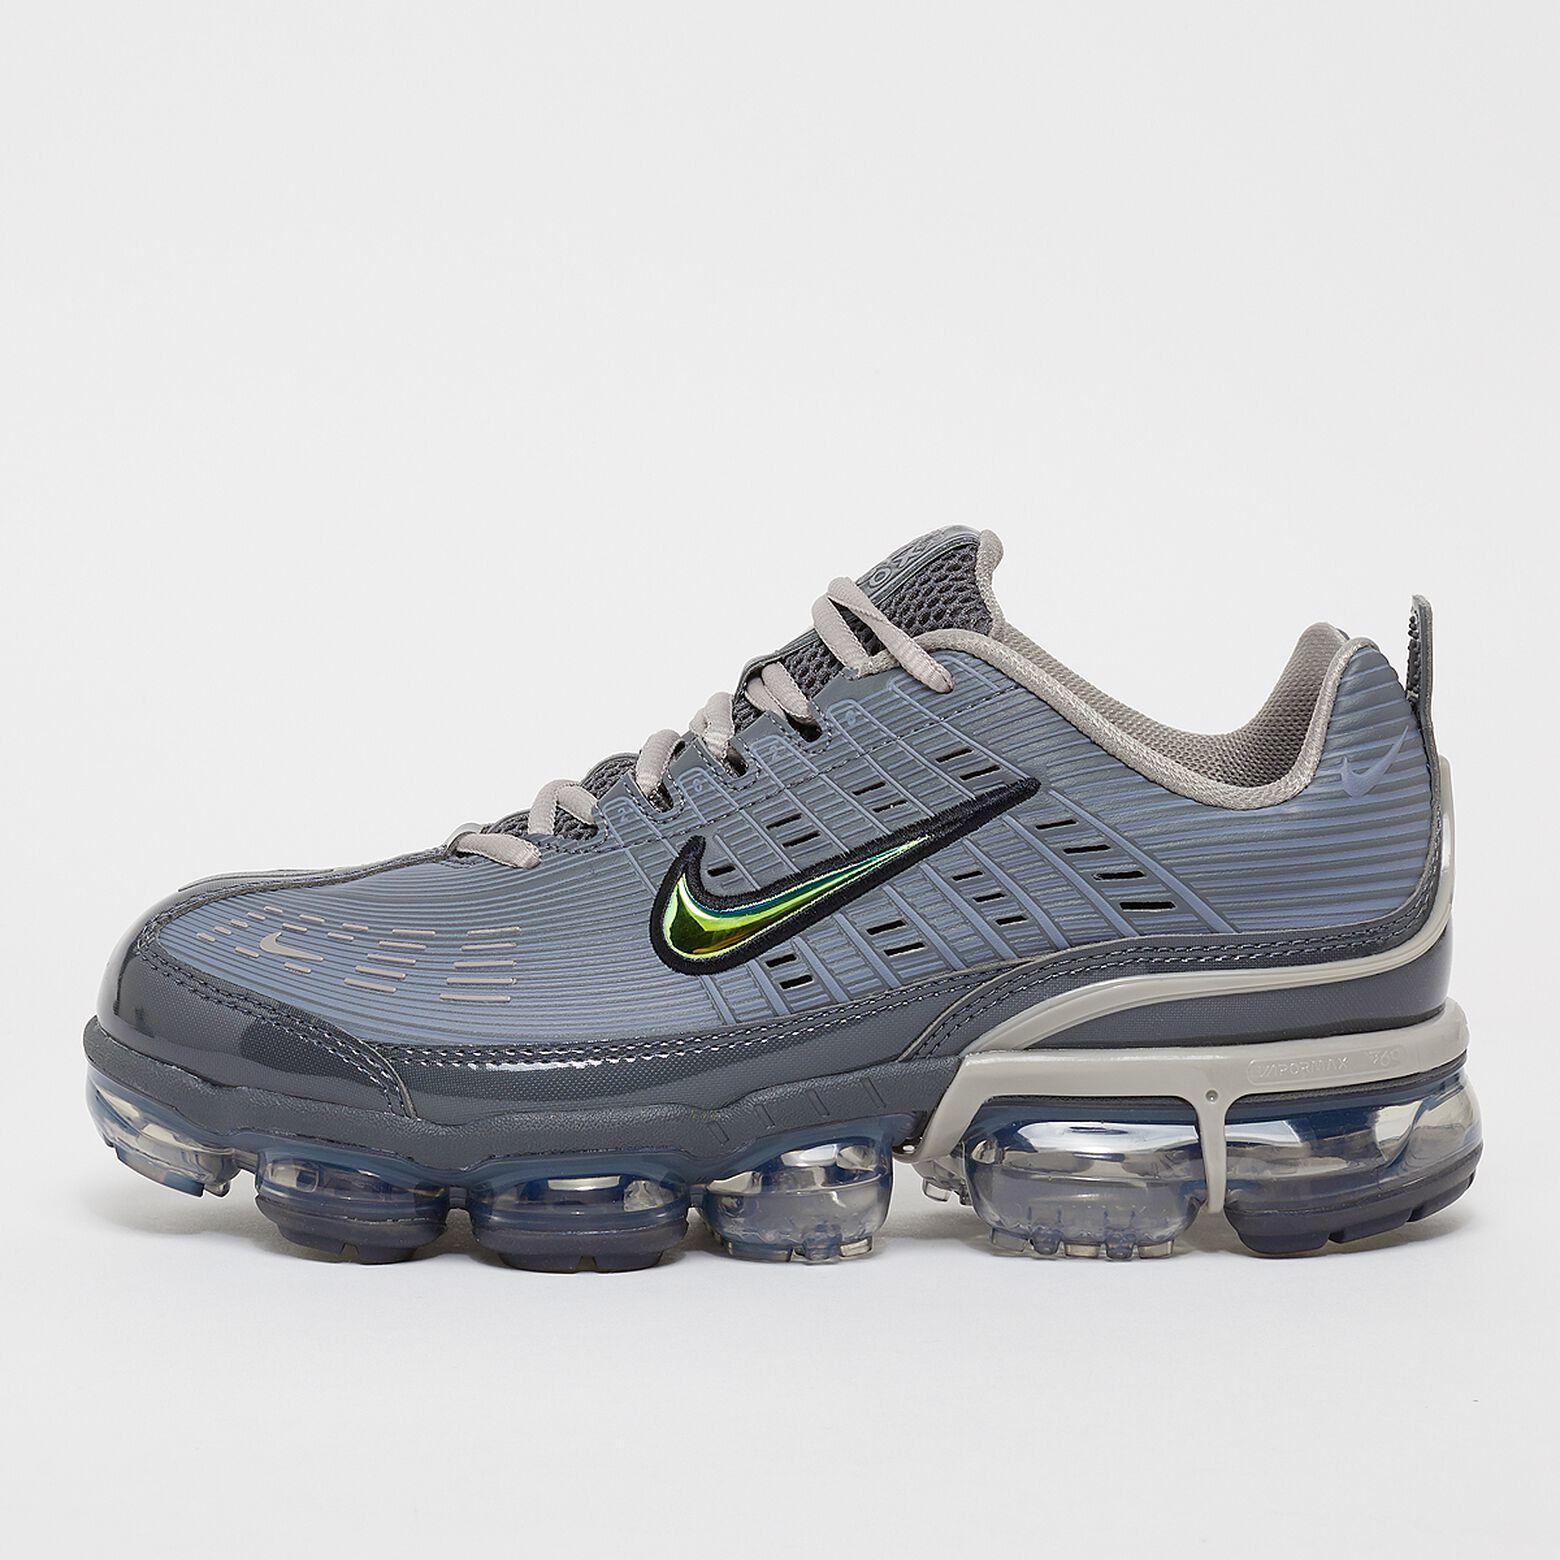 Sneakers Homme Nike Air Vapormax 360 - Coloris et tailles au choix